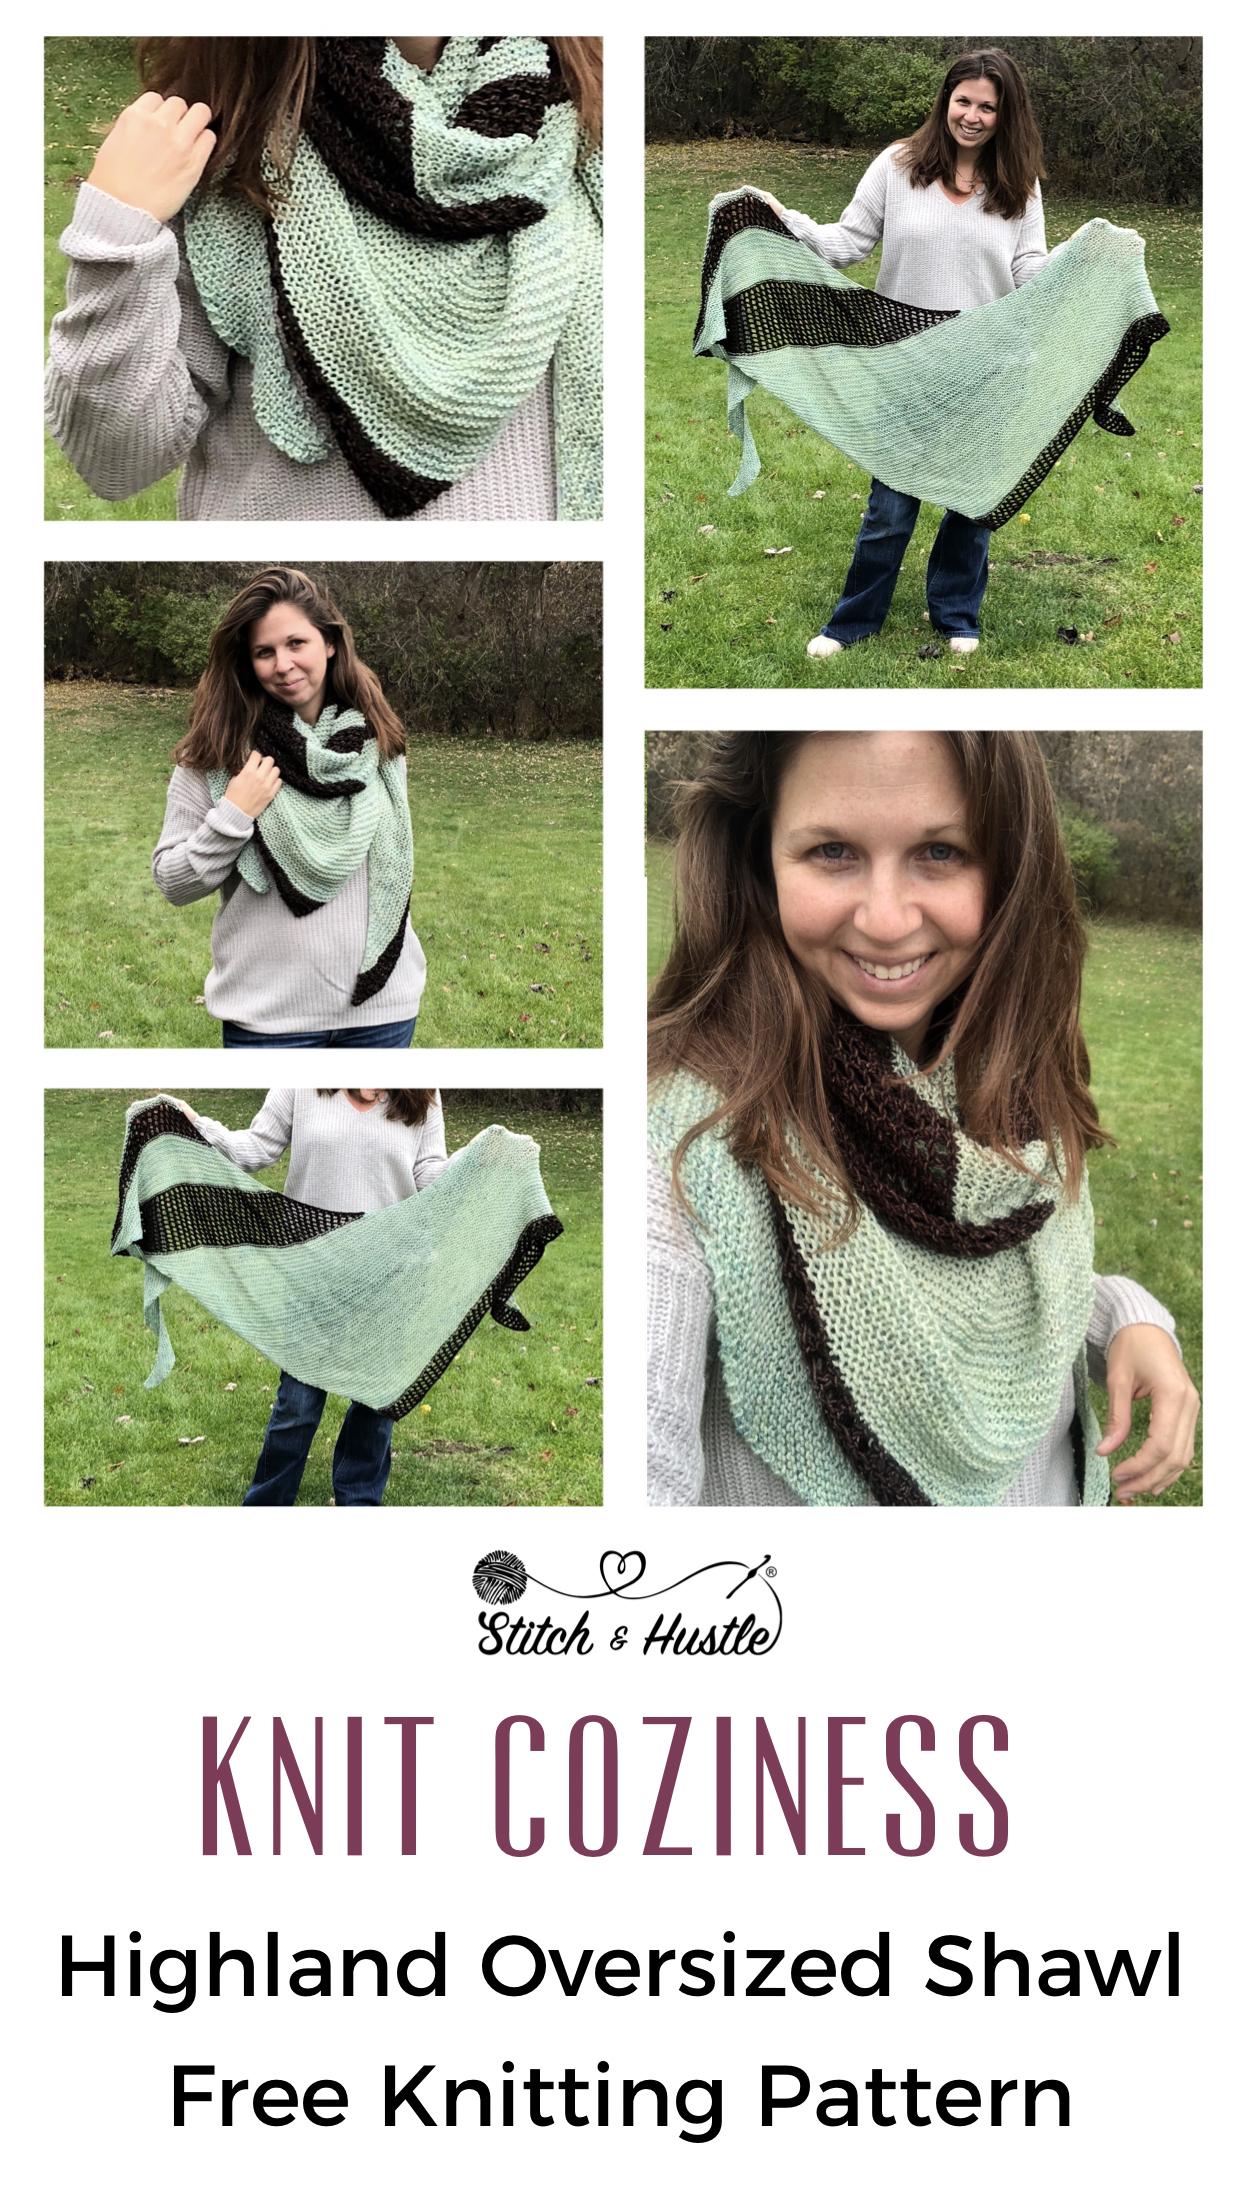 Highland_Knit_Lace_Shawl_Free_Knitting_Pattern_1c.jpg